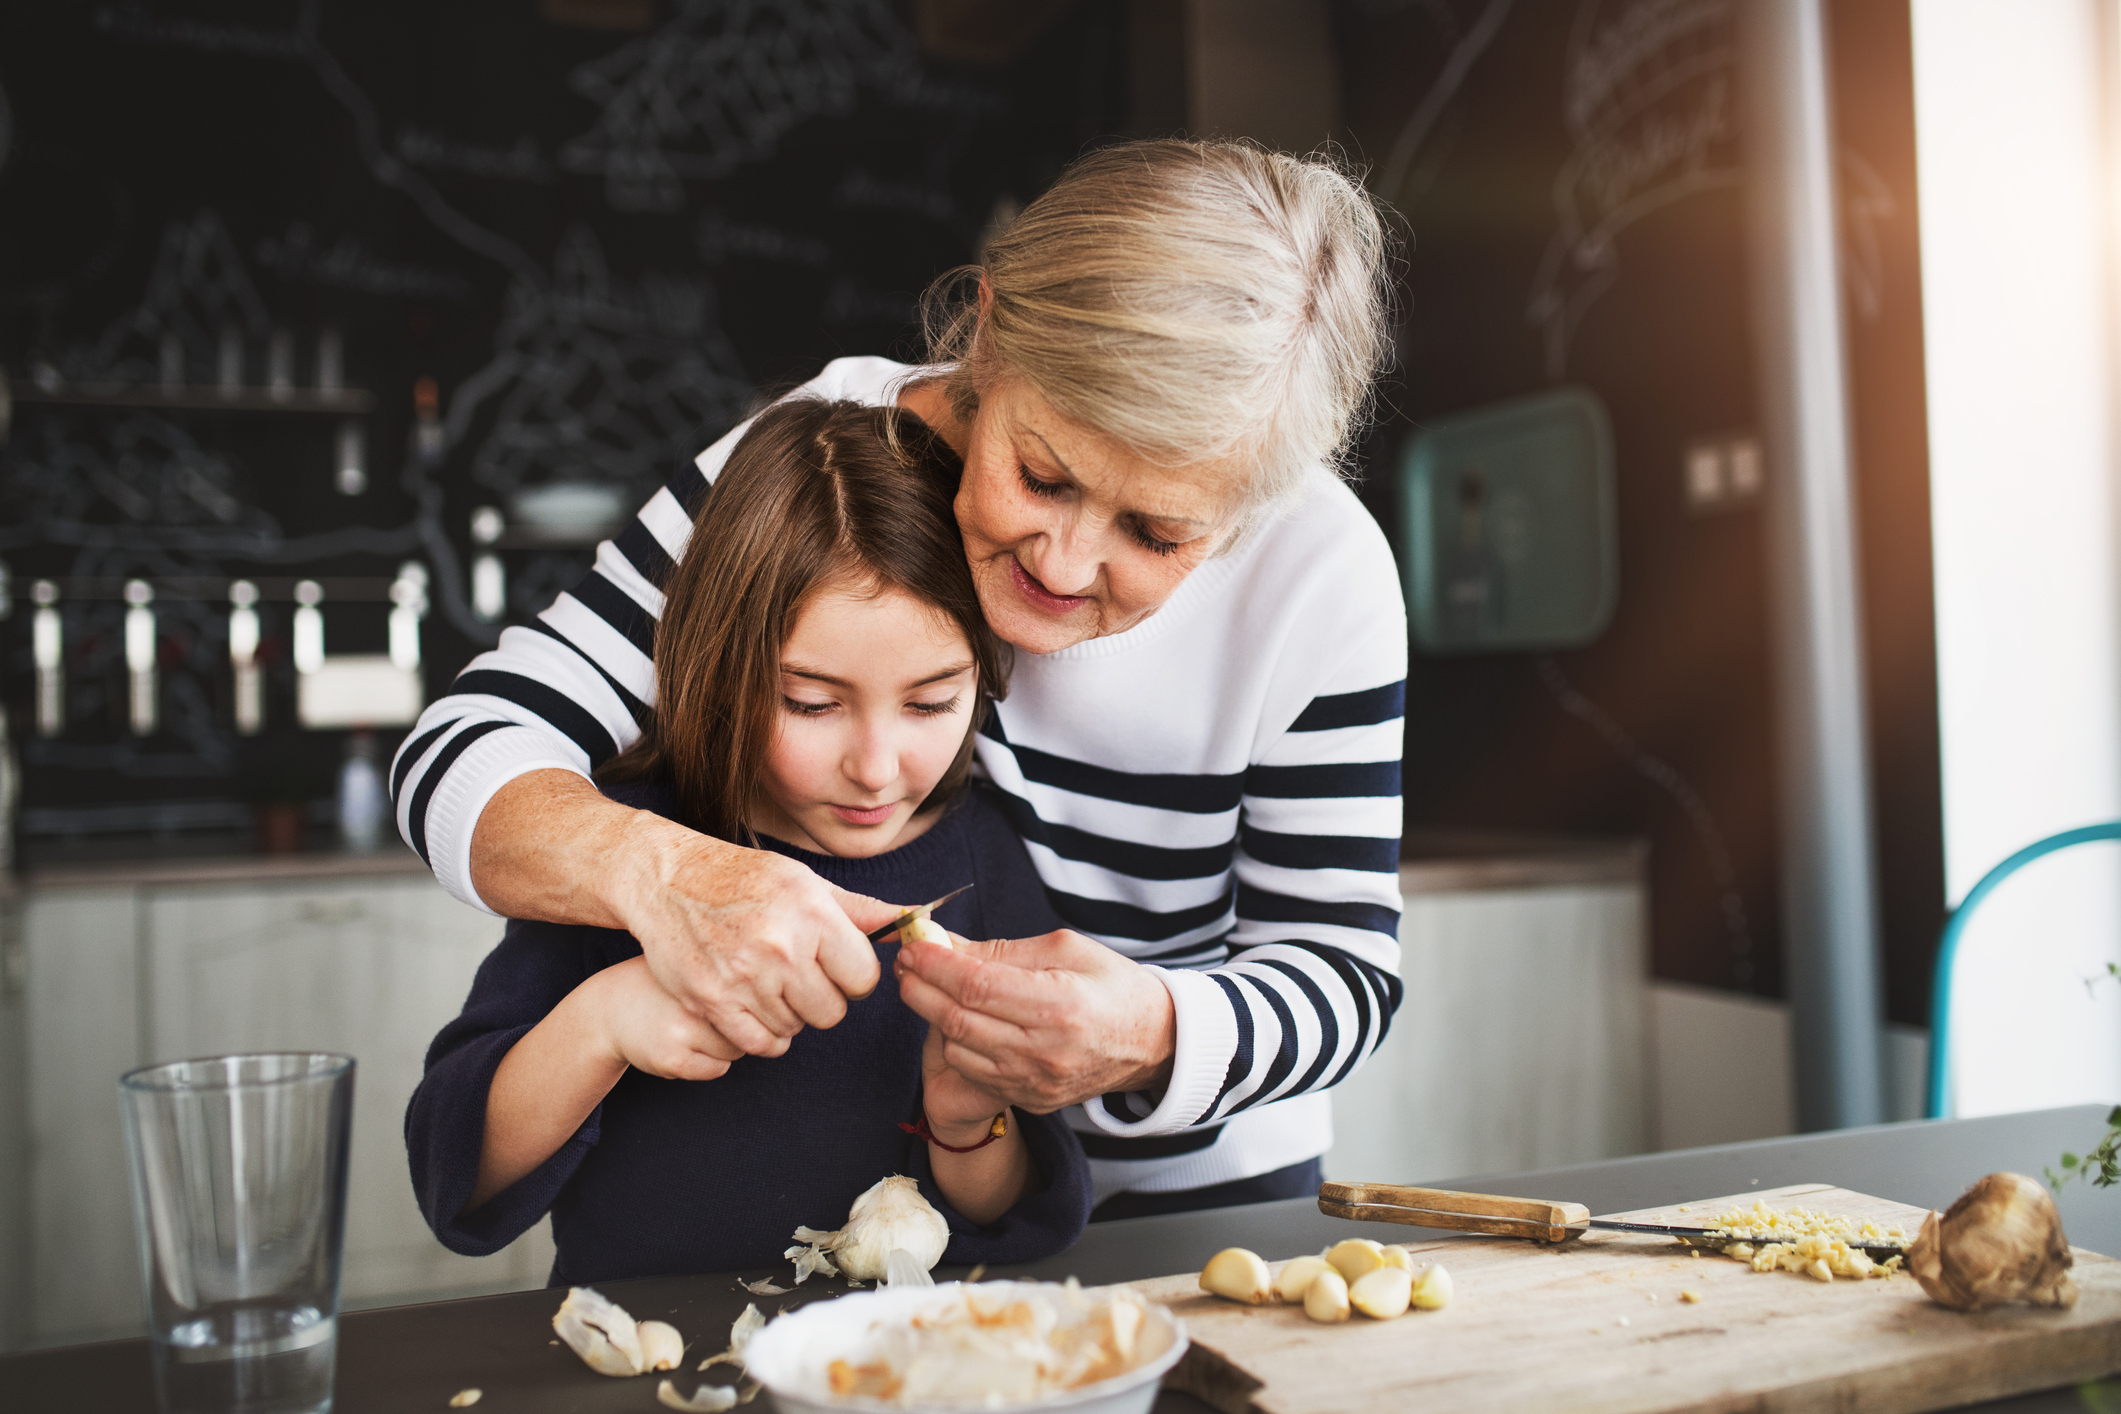 Когато едно ястие се нуждае от два часа, за да бъде подобаващо сготвено, то вие не трябва да бързате и да се стараете да го приготвите на по-висока степен и за по-малко време. Когато искате да блеснете пред приятели, вложете сърцето си в храната - всяко прибързване, нервиране и недоглеждане може да развалят мига.